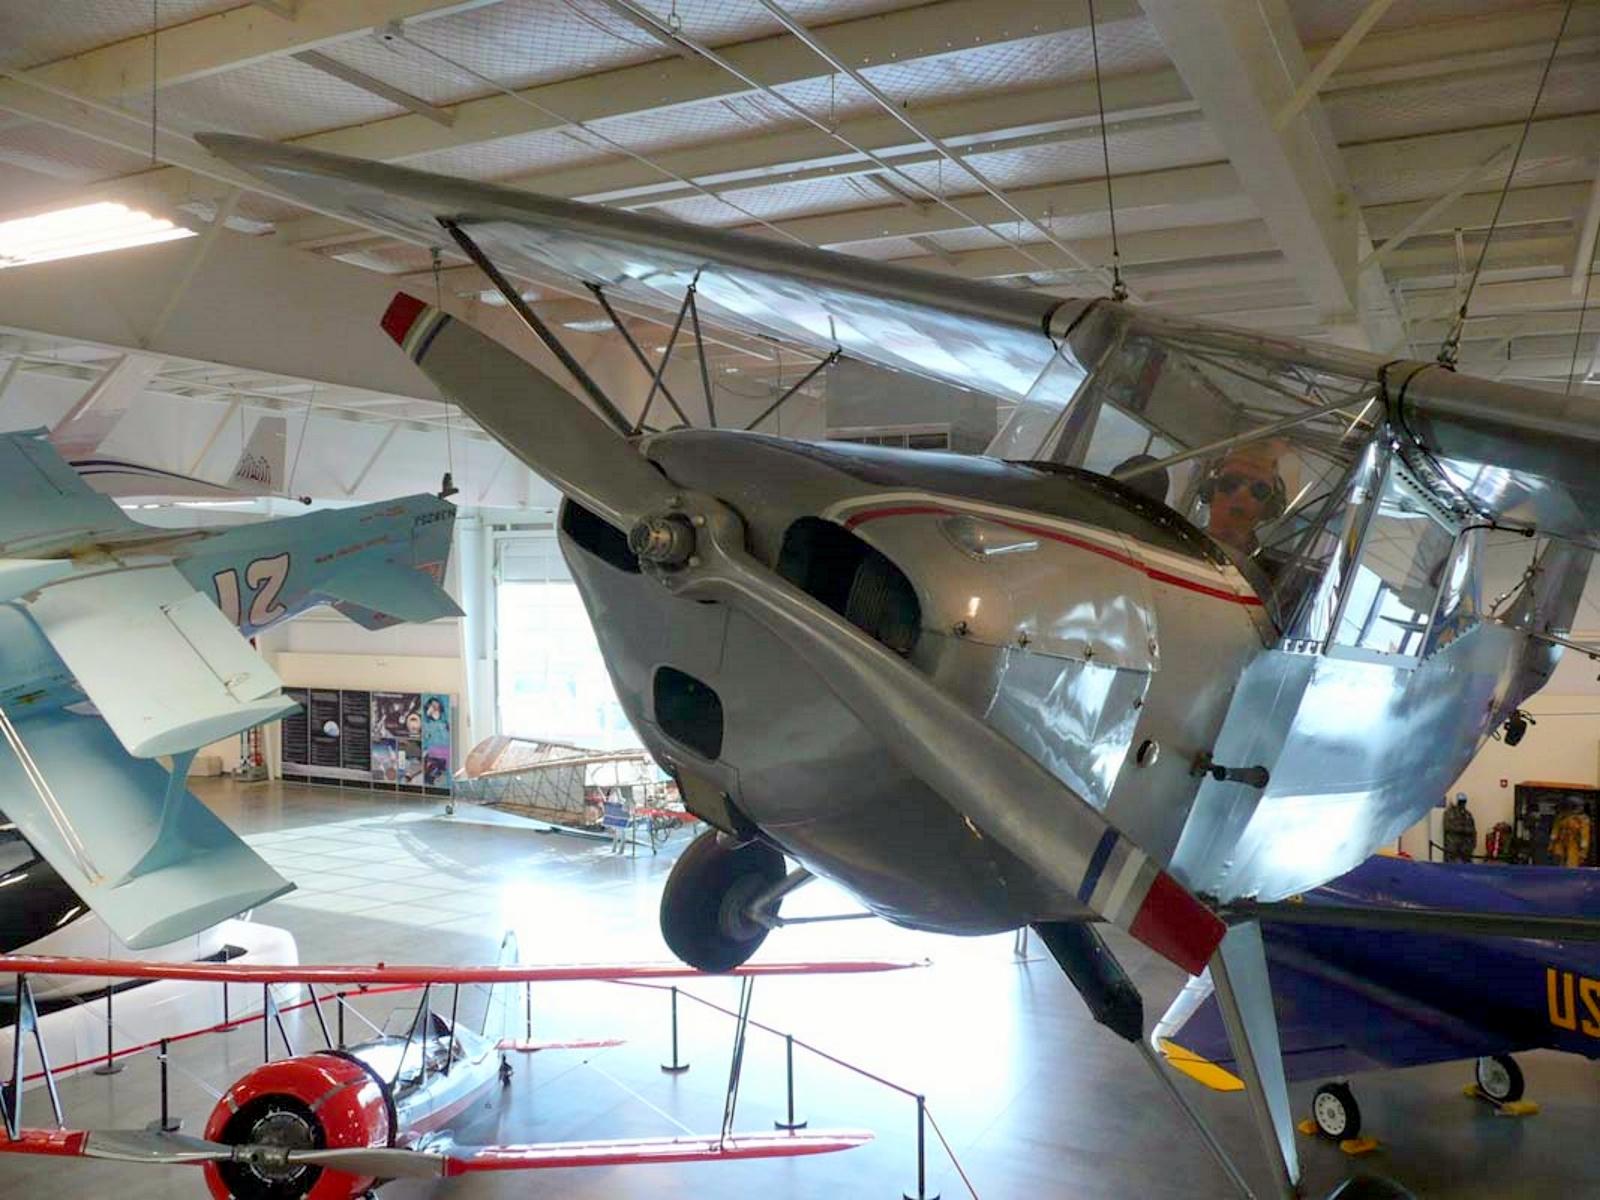 Taylorcraft L-2M Grasshoper